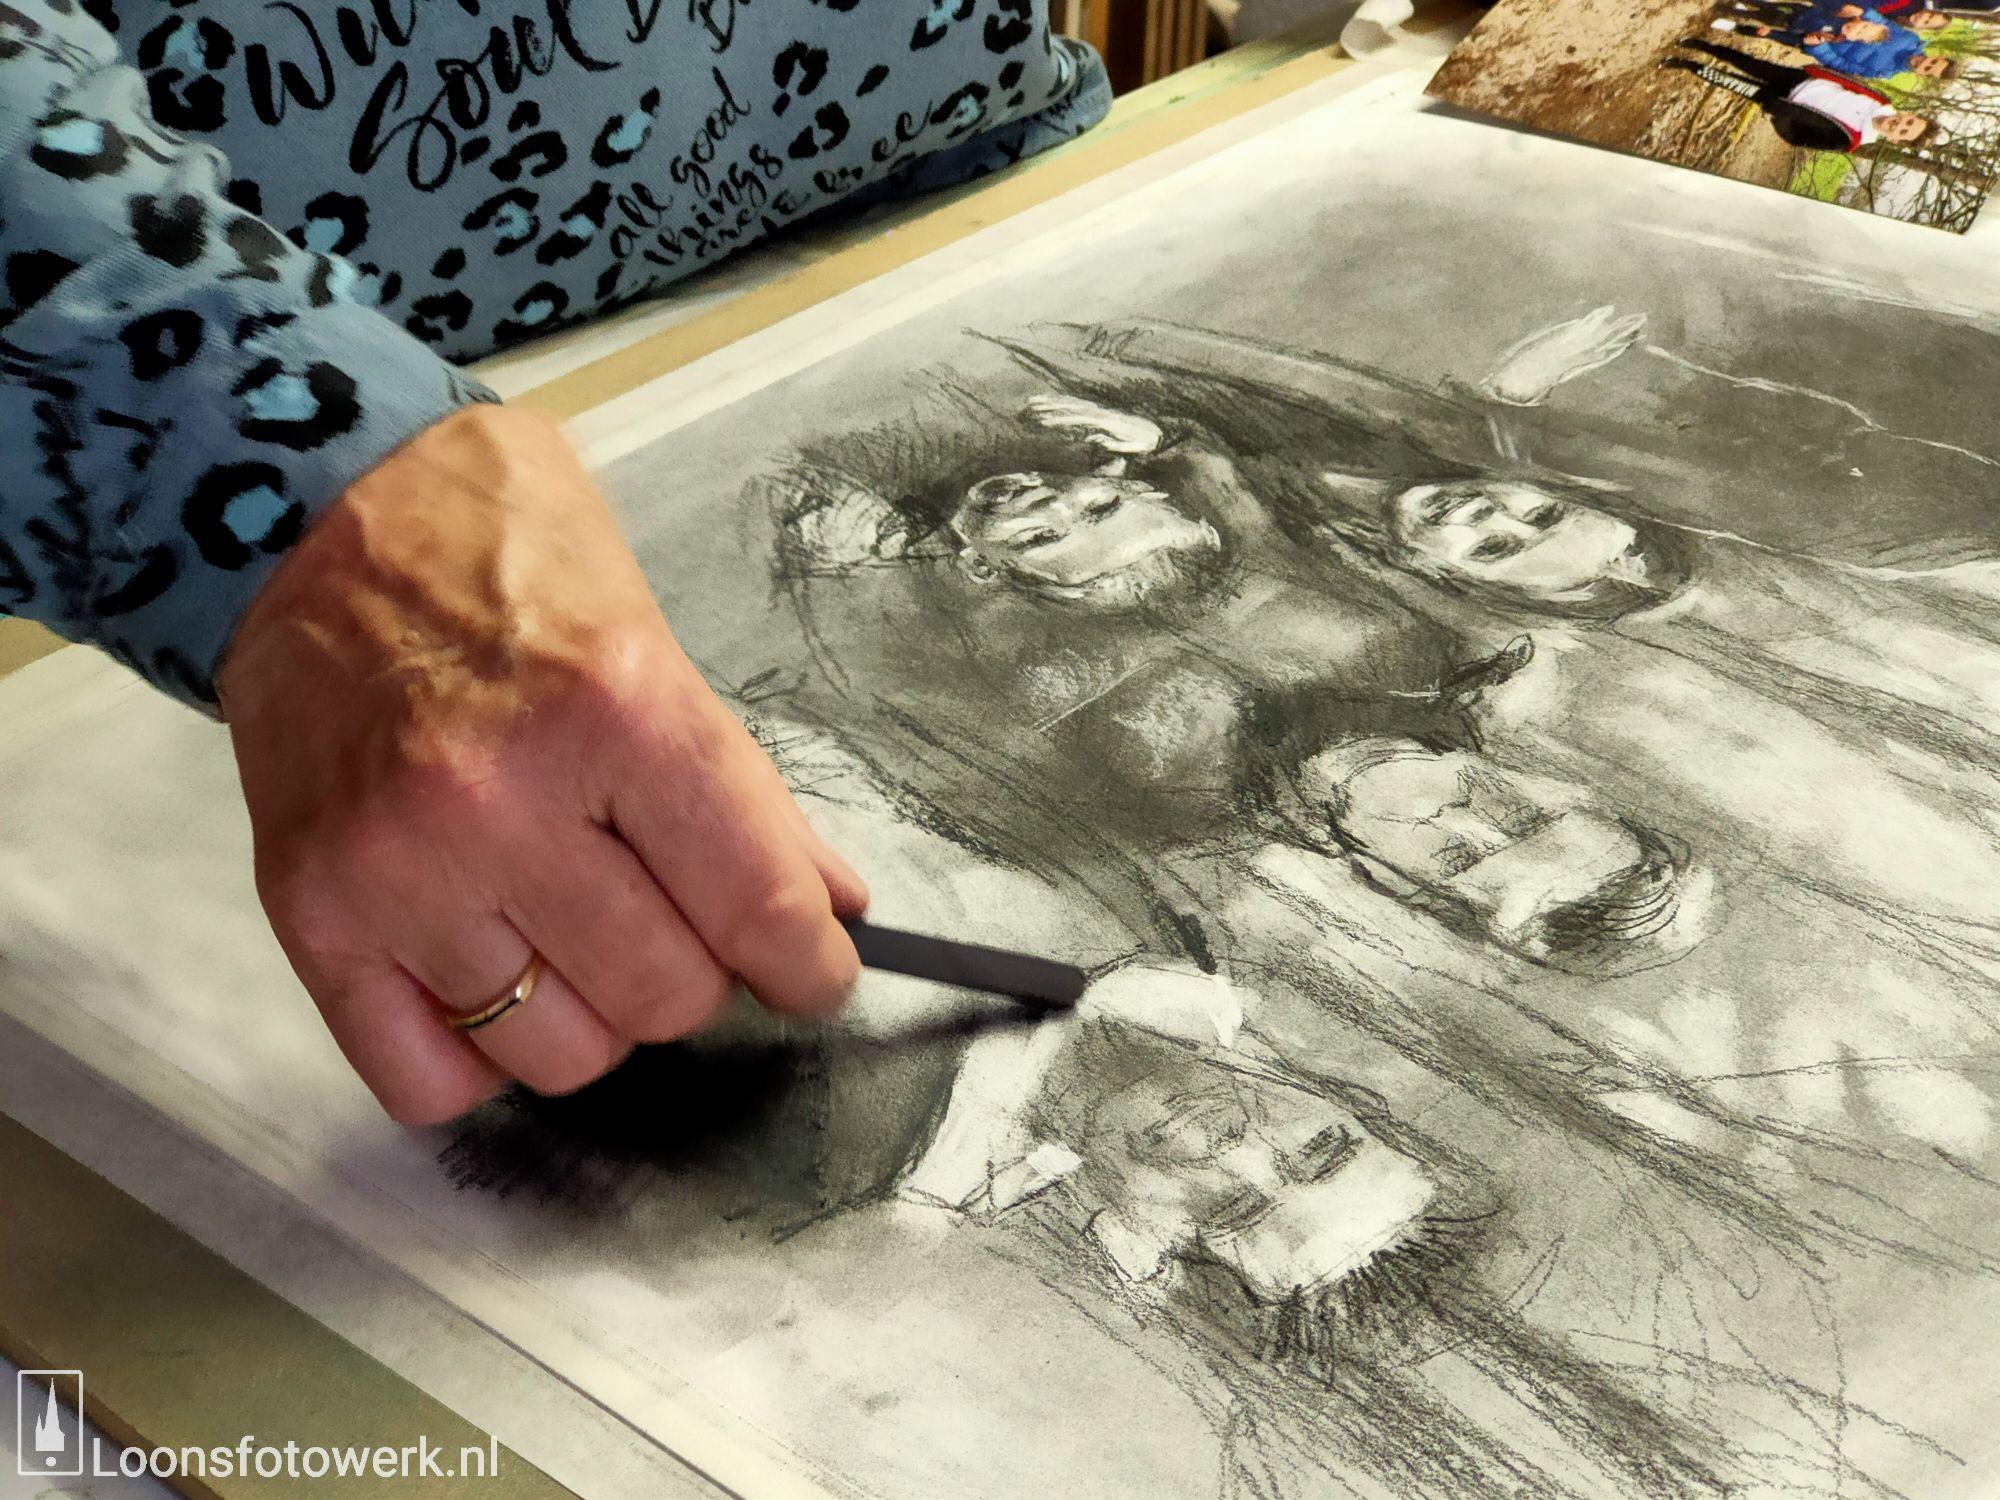 Els Smulders - Waijers, kunstenares in hart en nieren 16